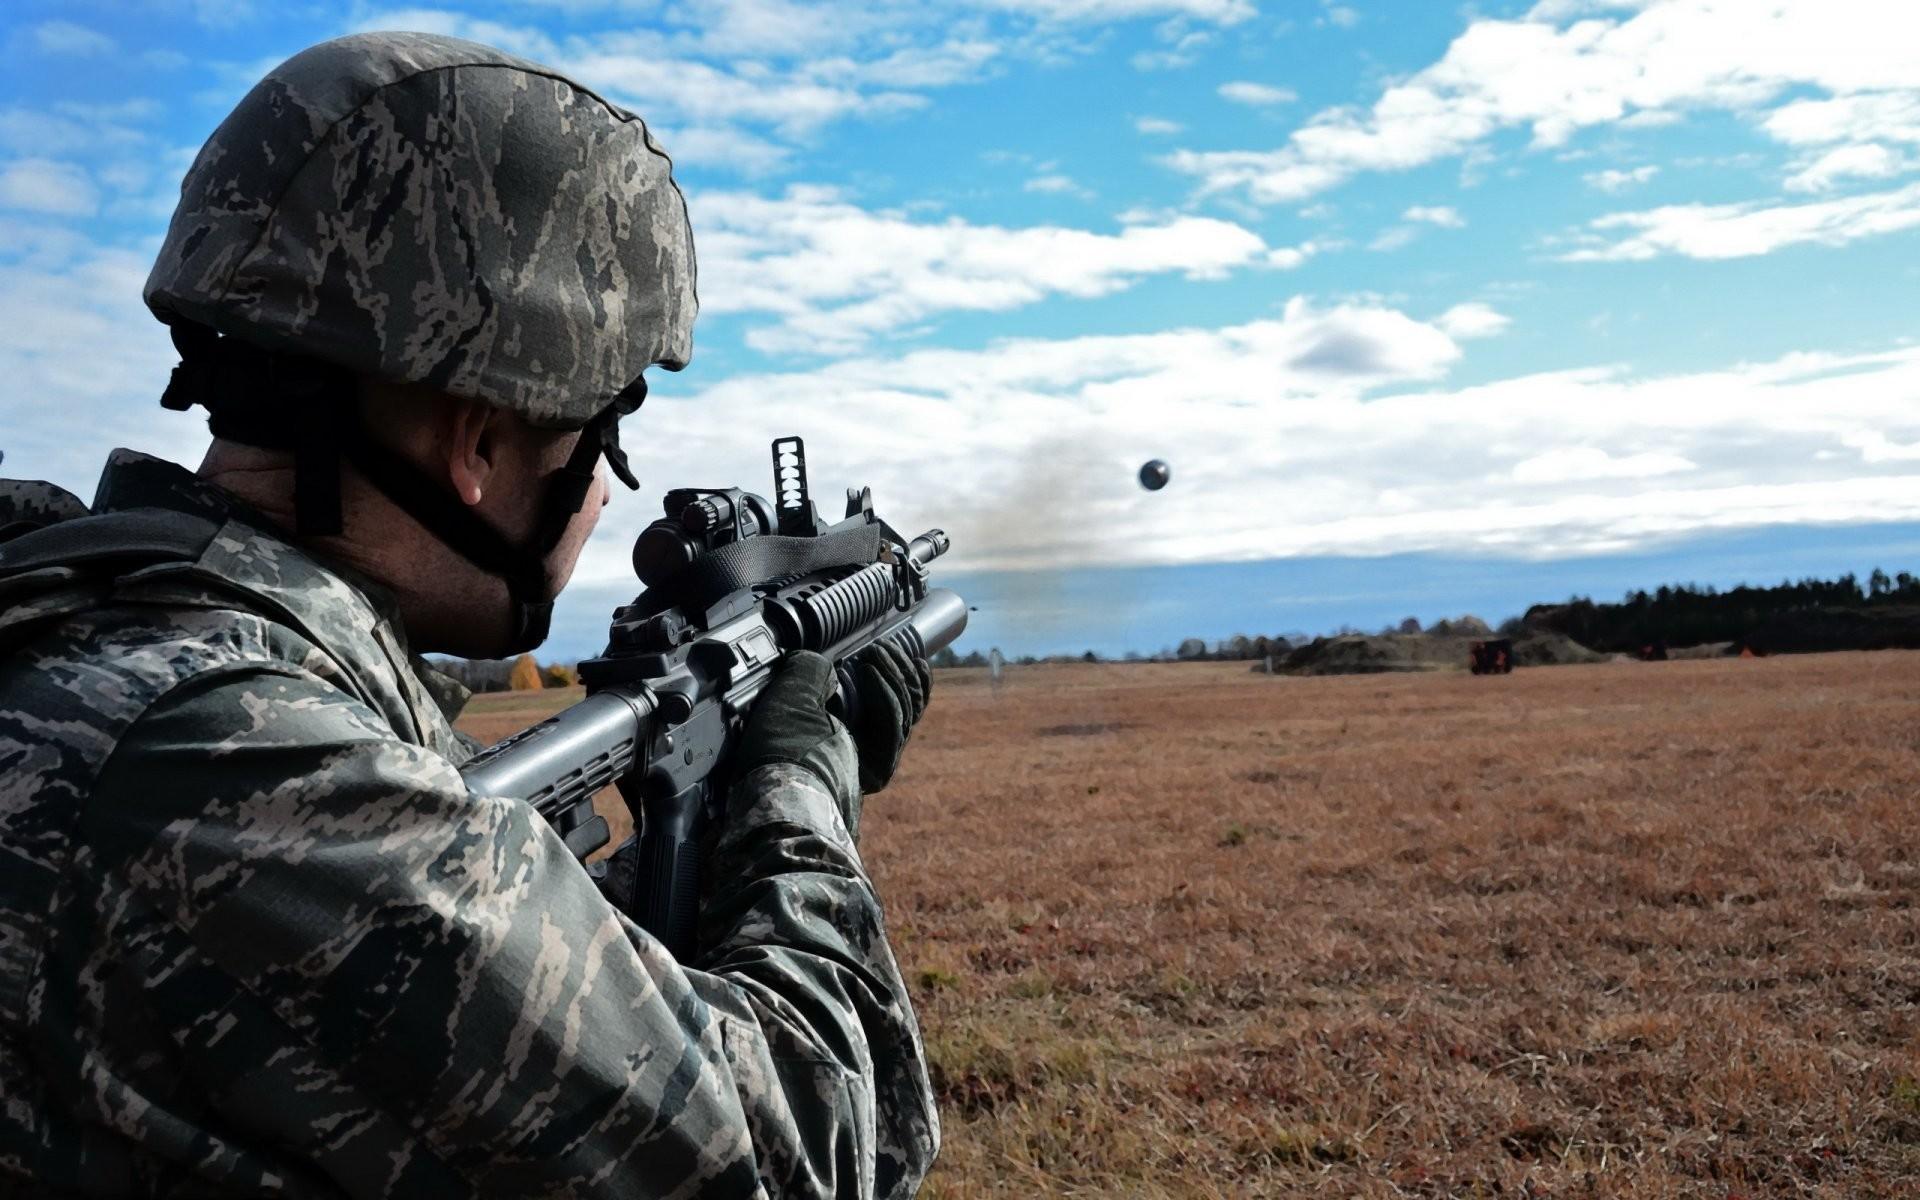 grenade launcher airman air national guard air force